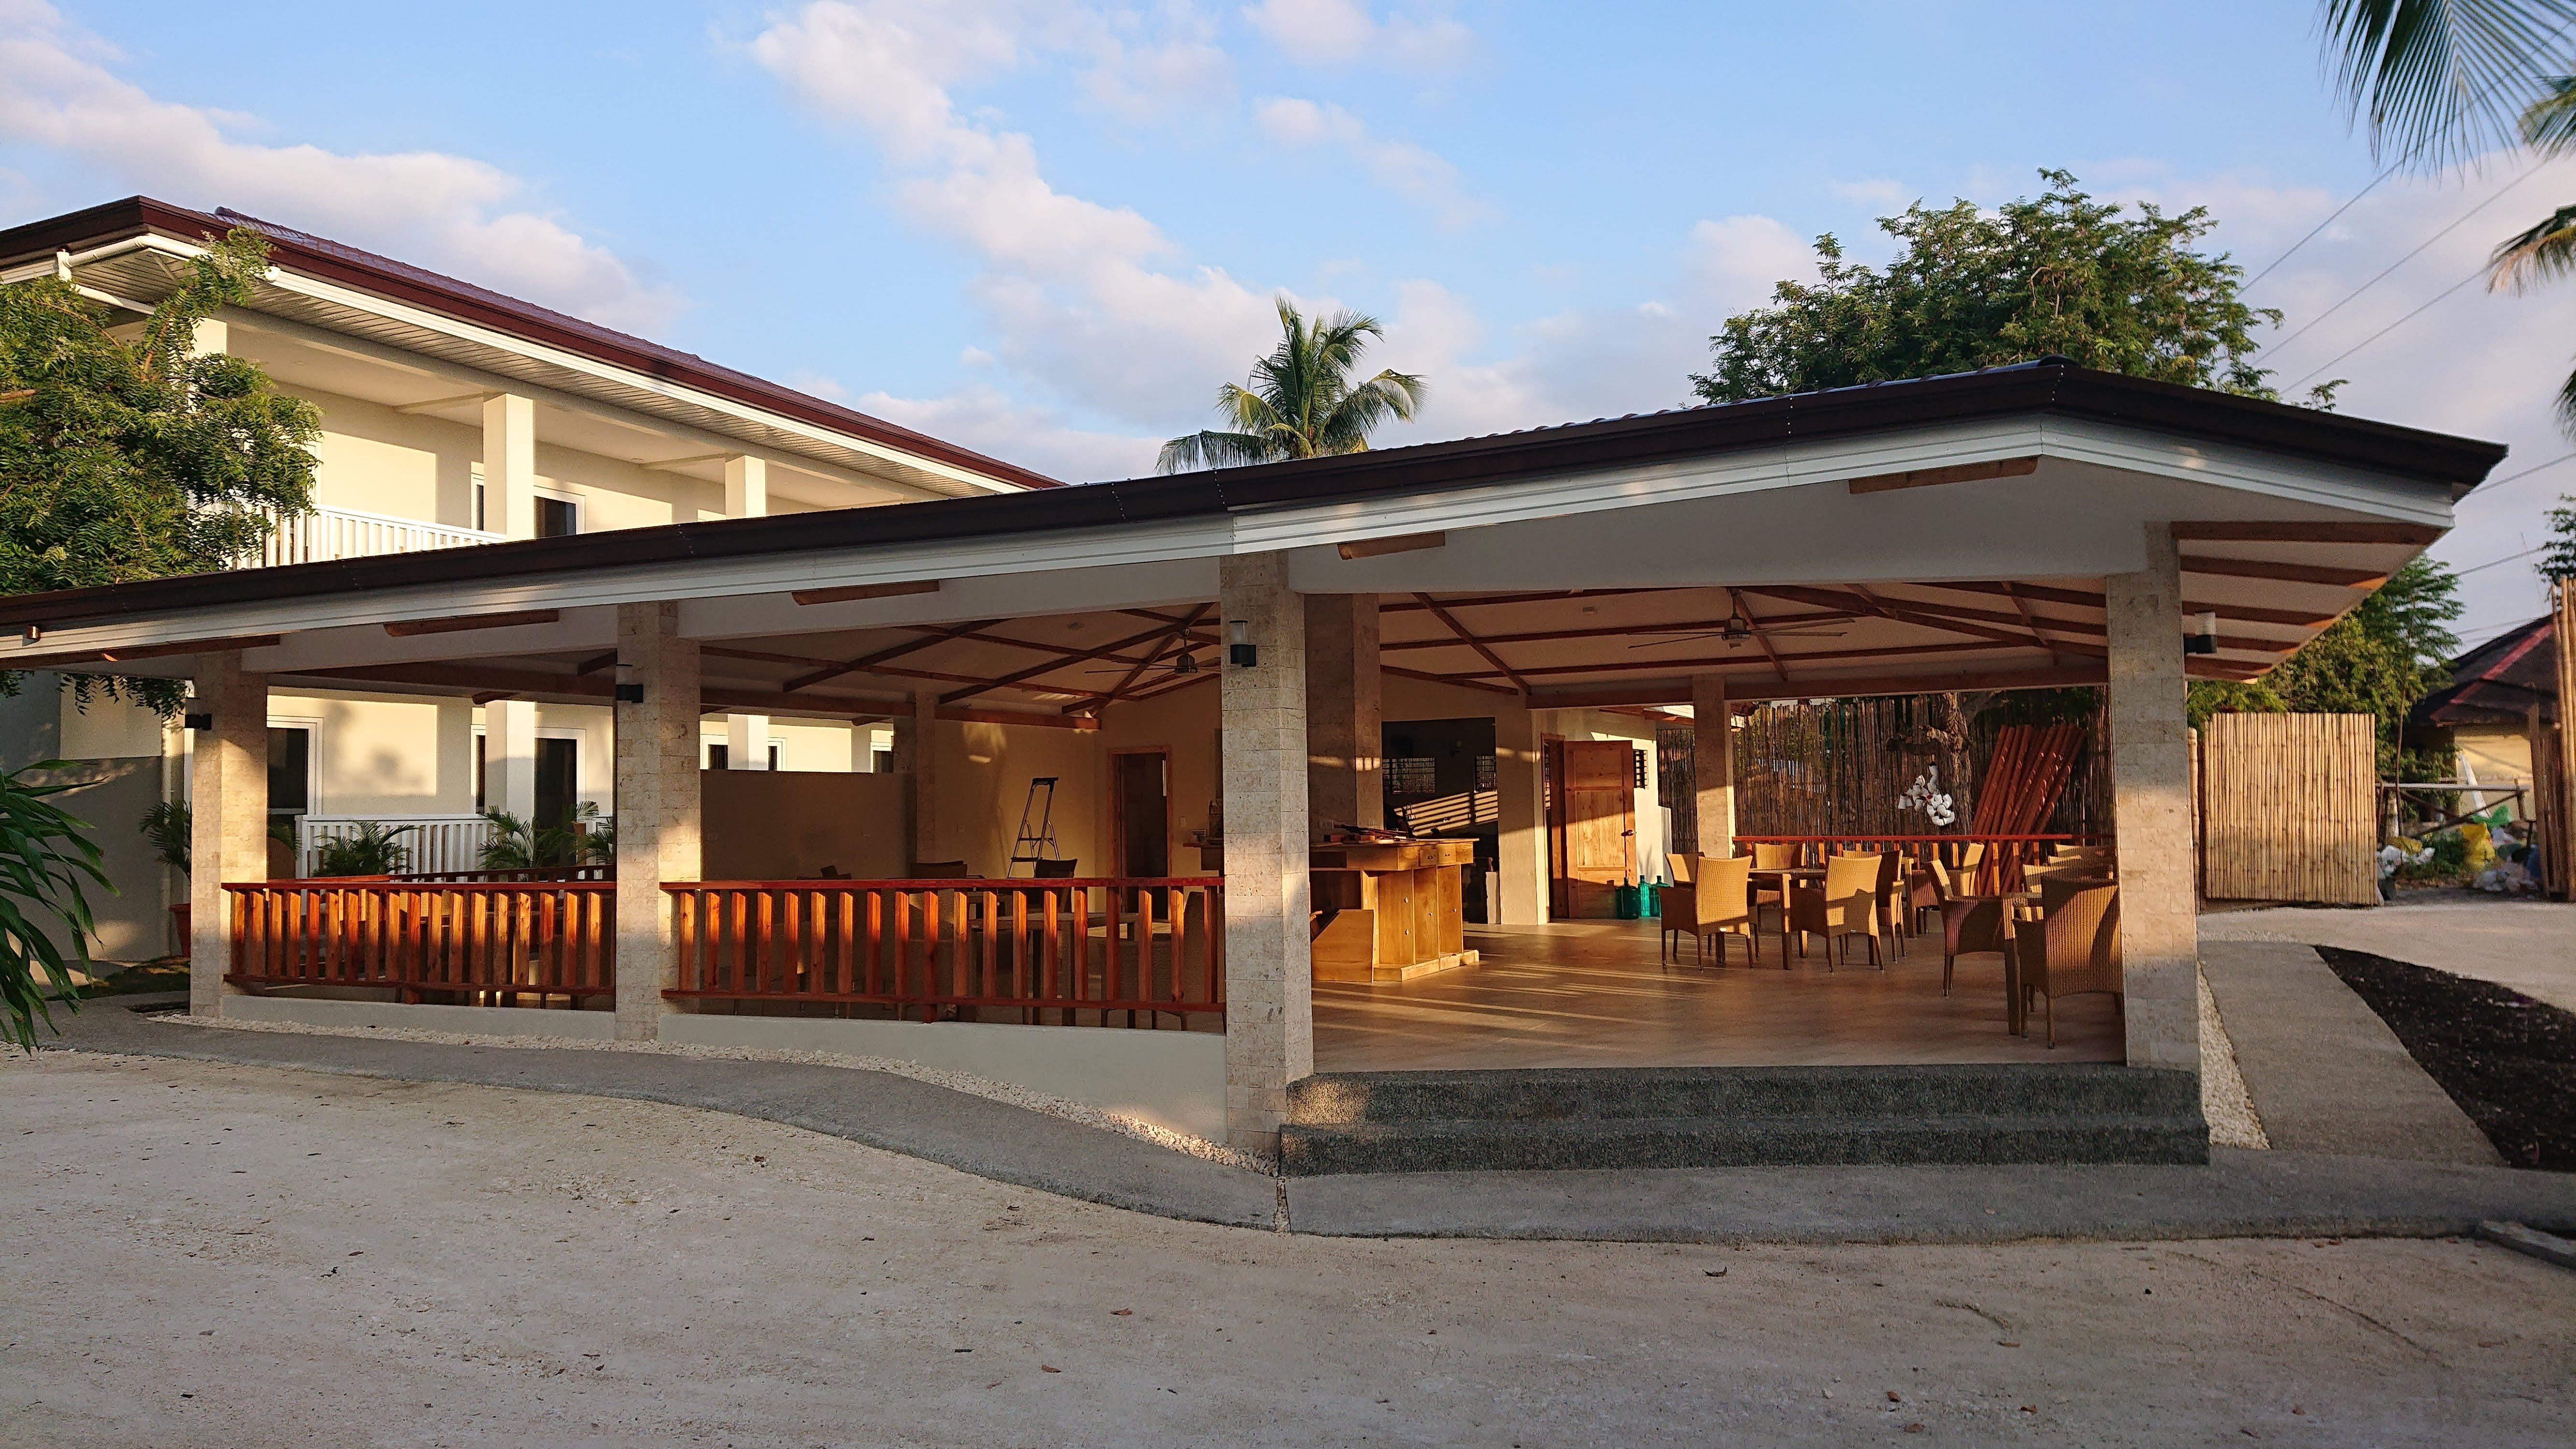 Restaurant at Cebu Seaview Dive Resort